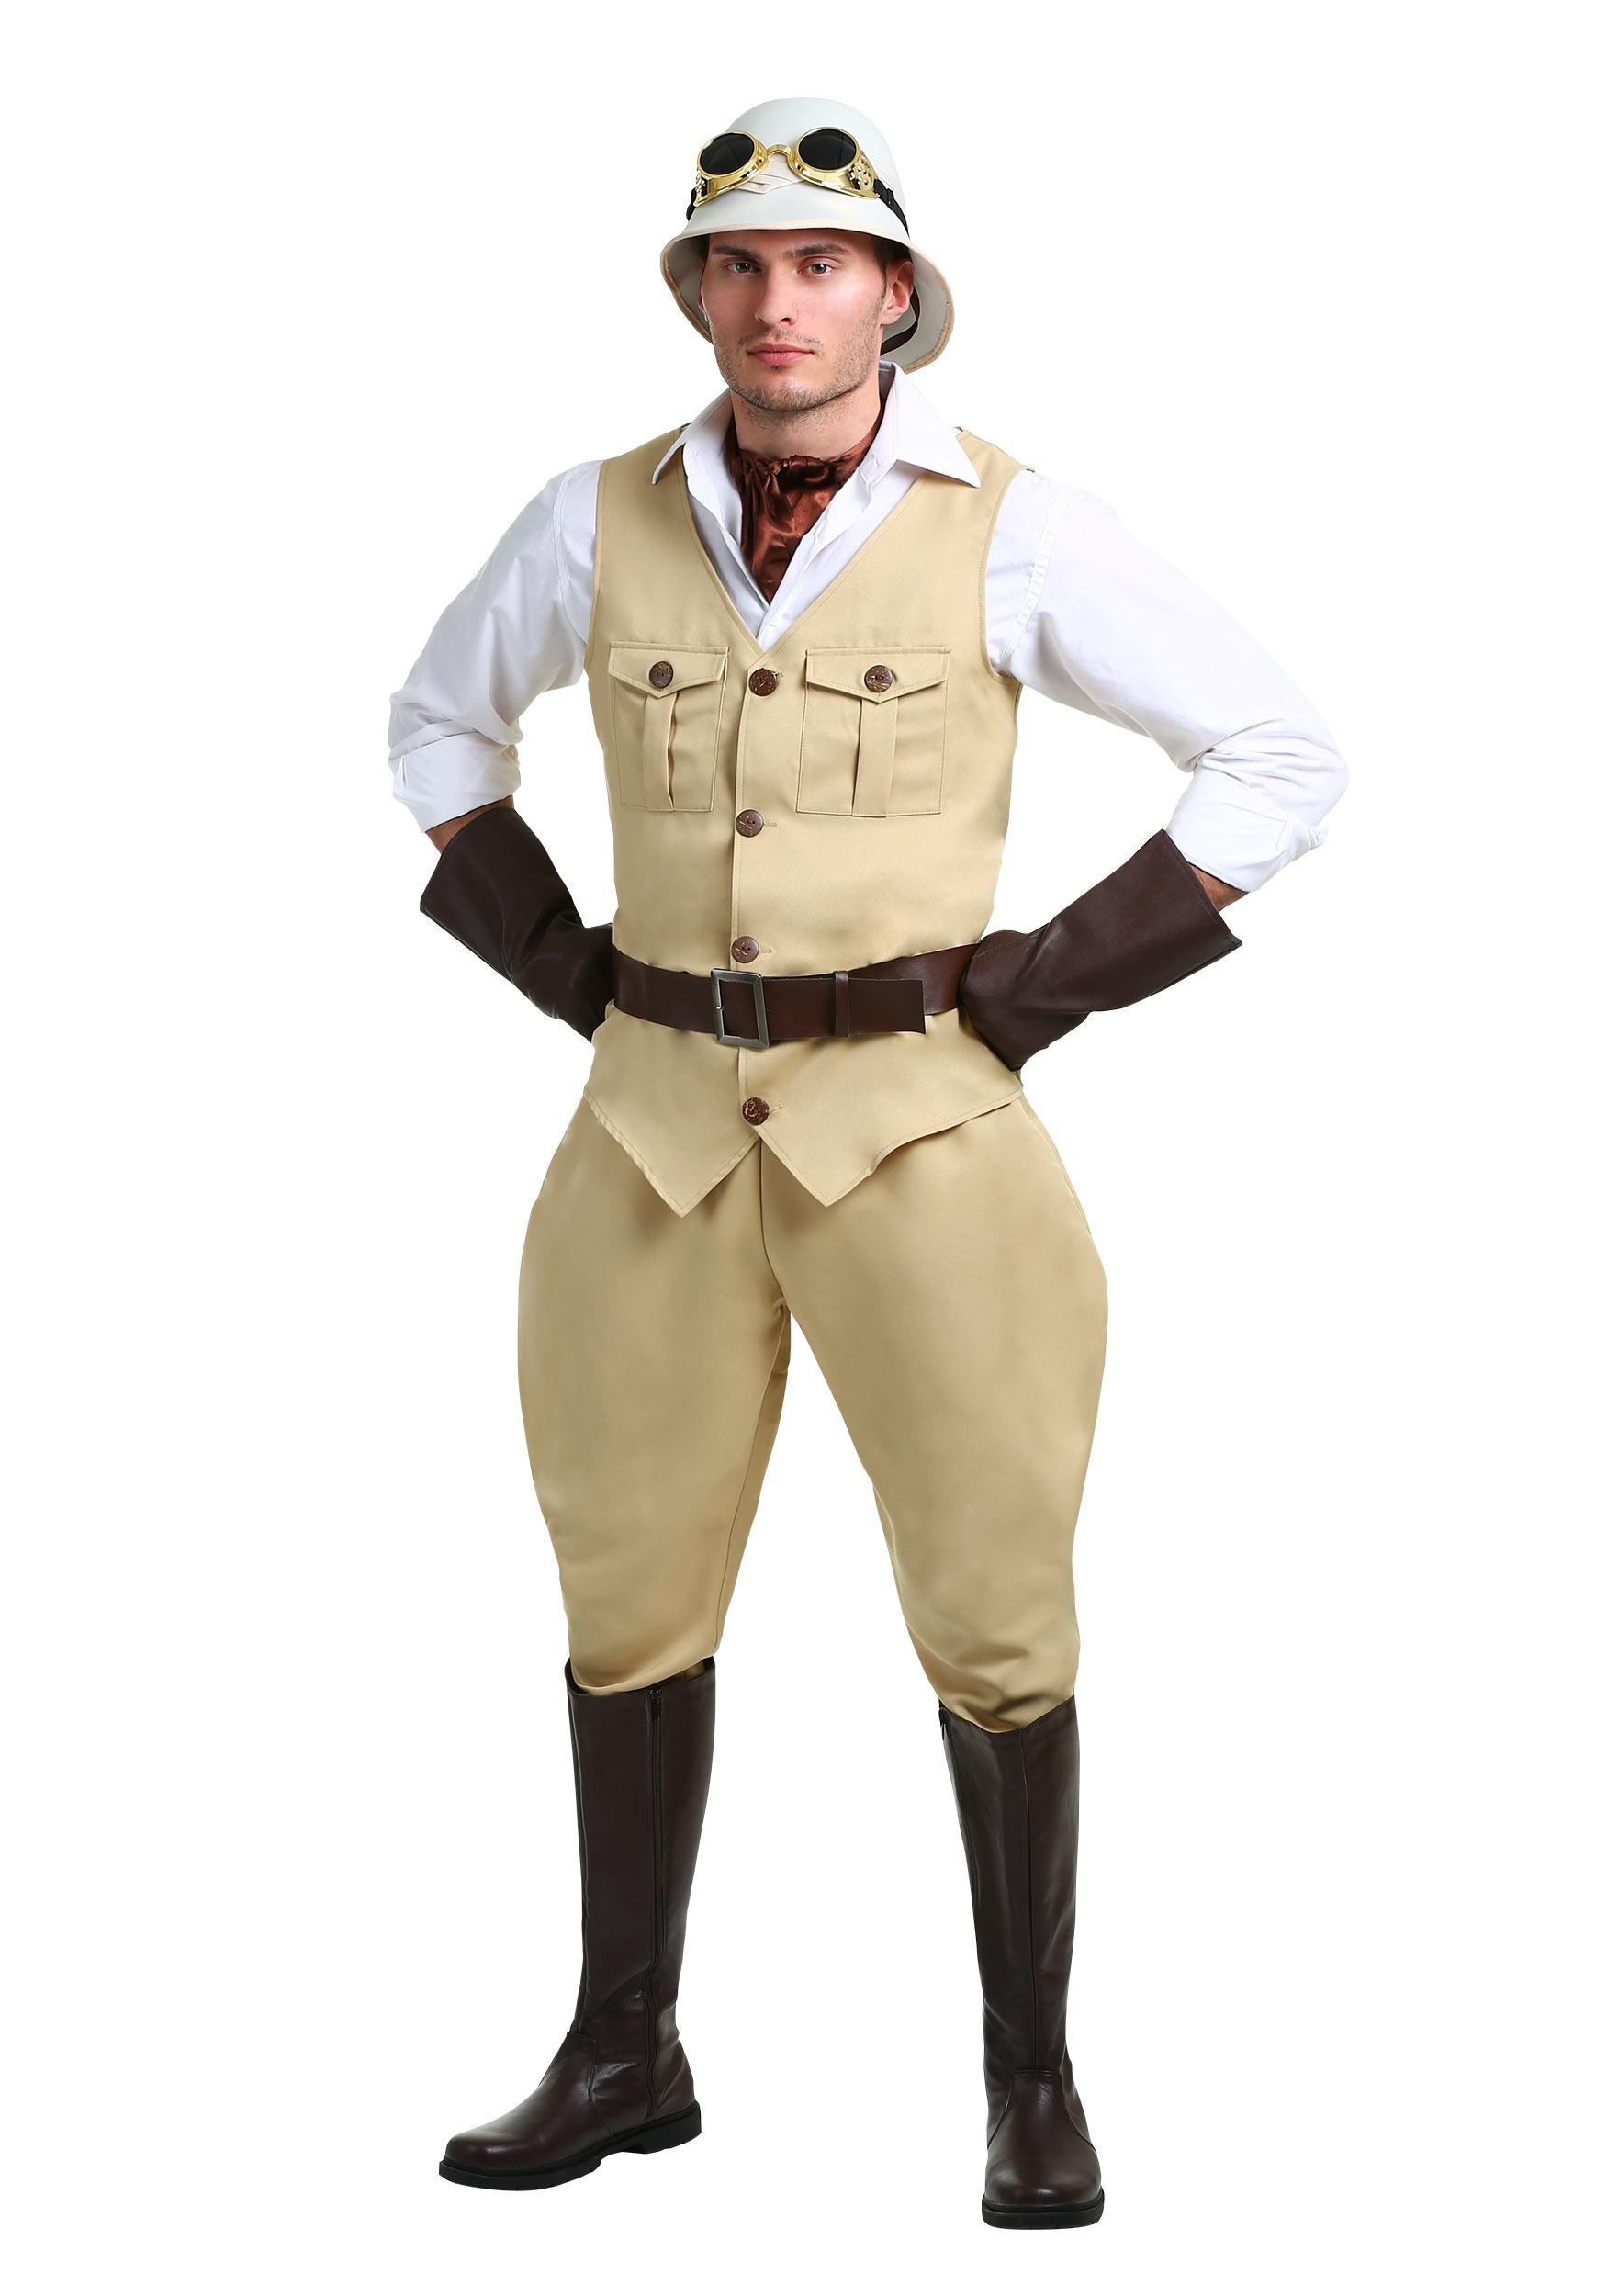 Adult frontier costume